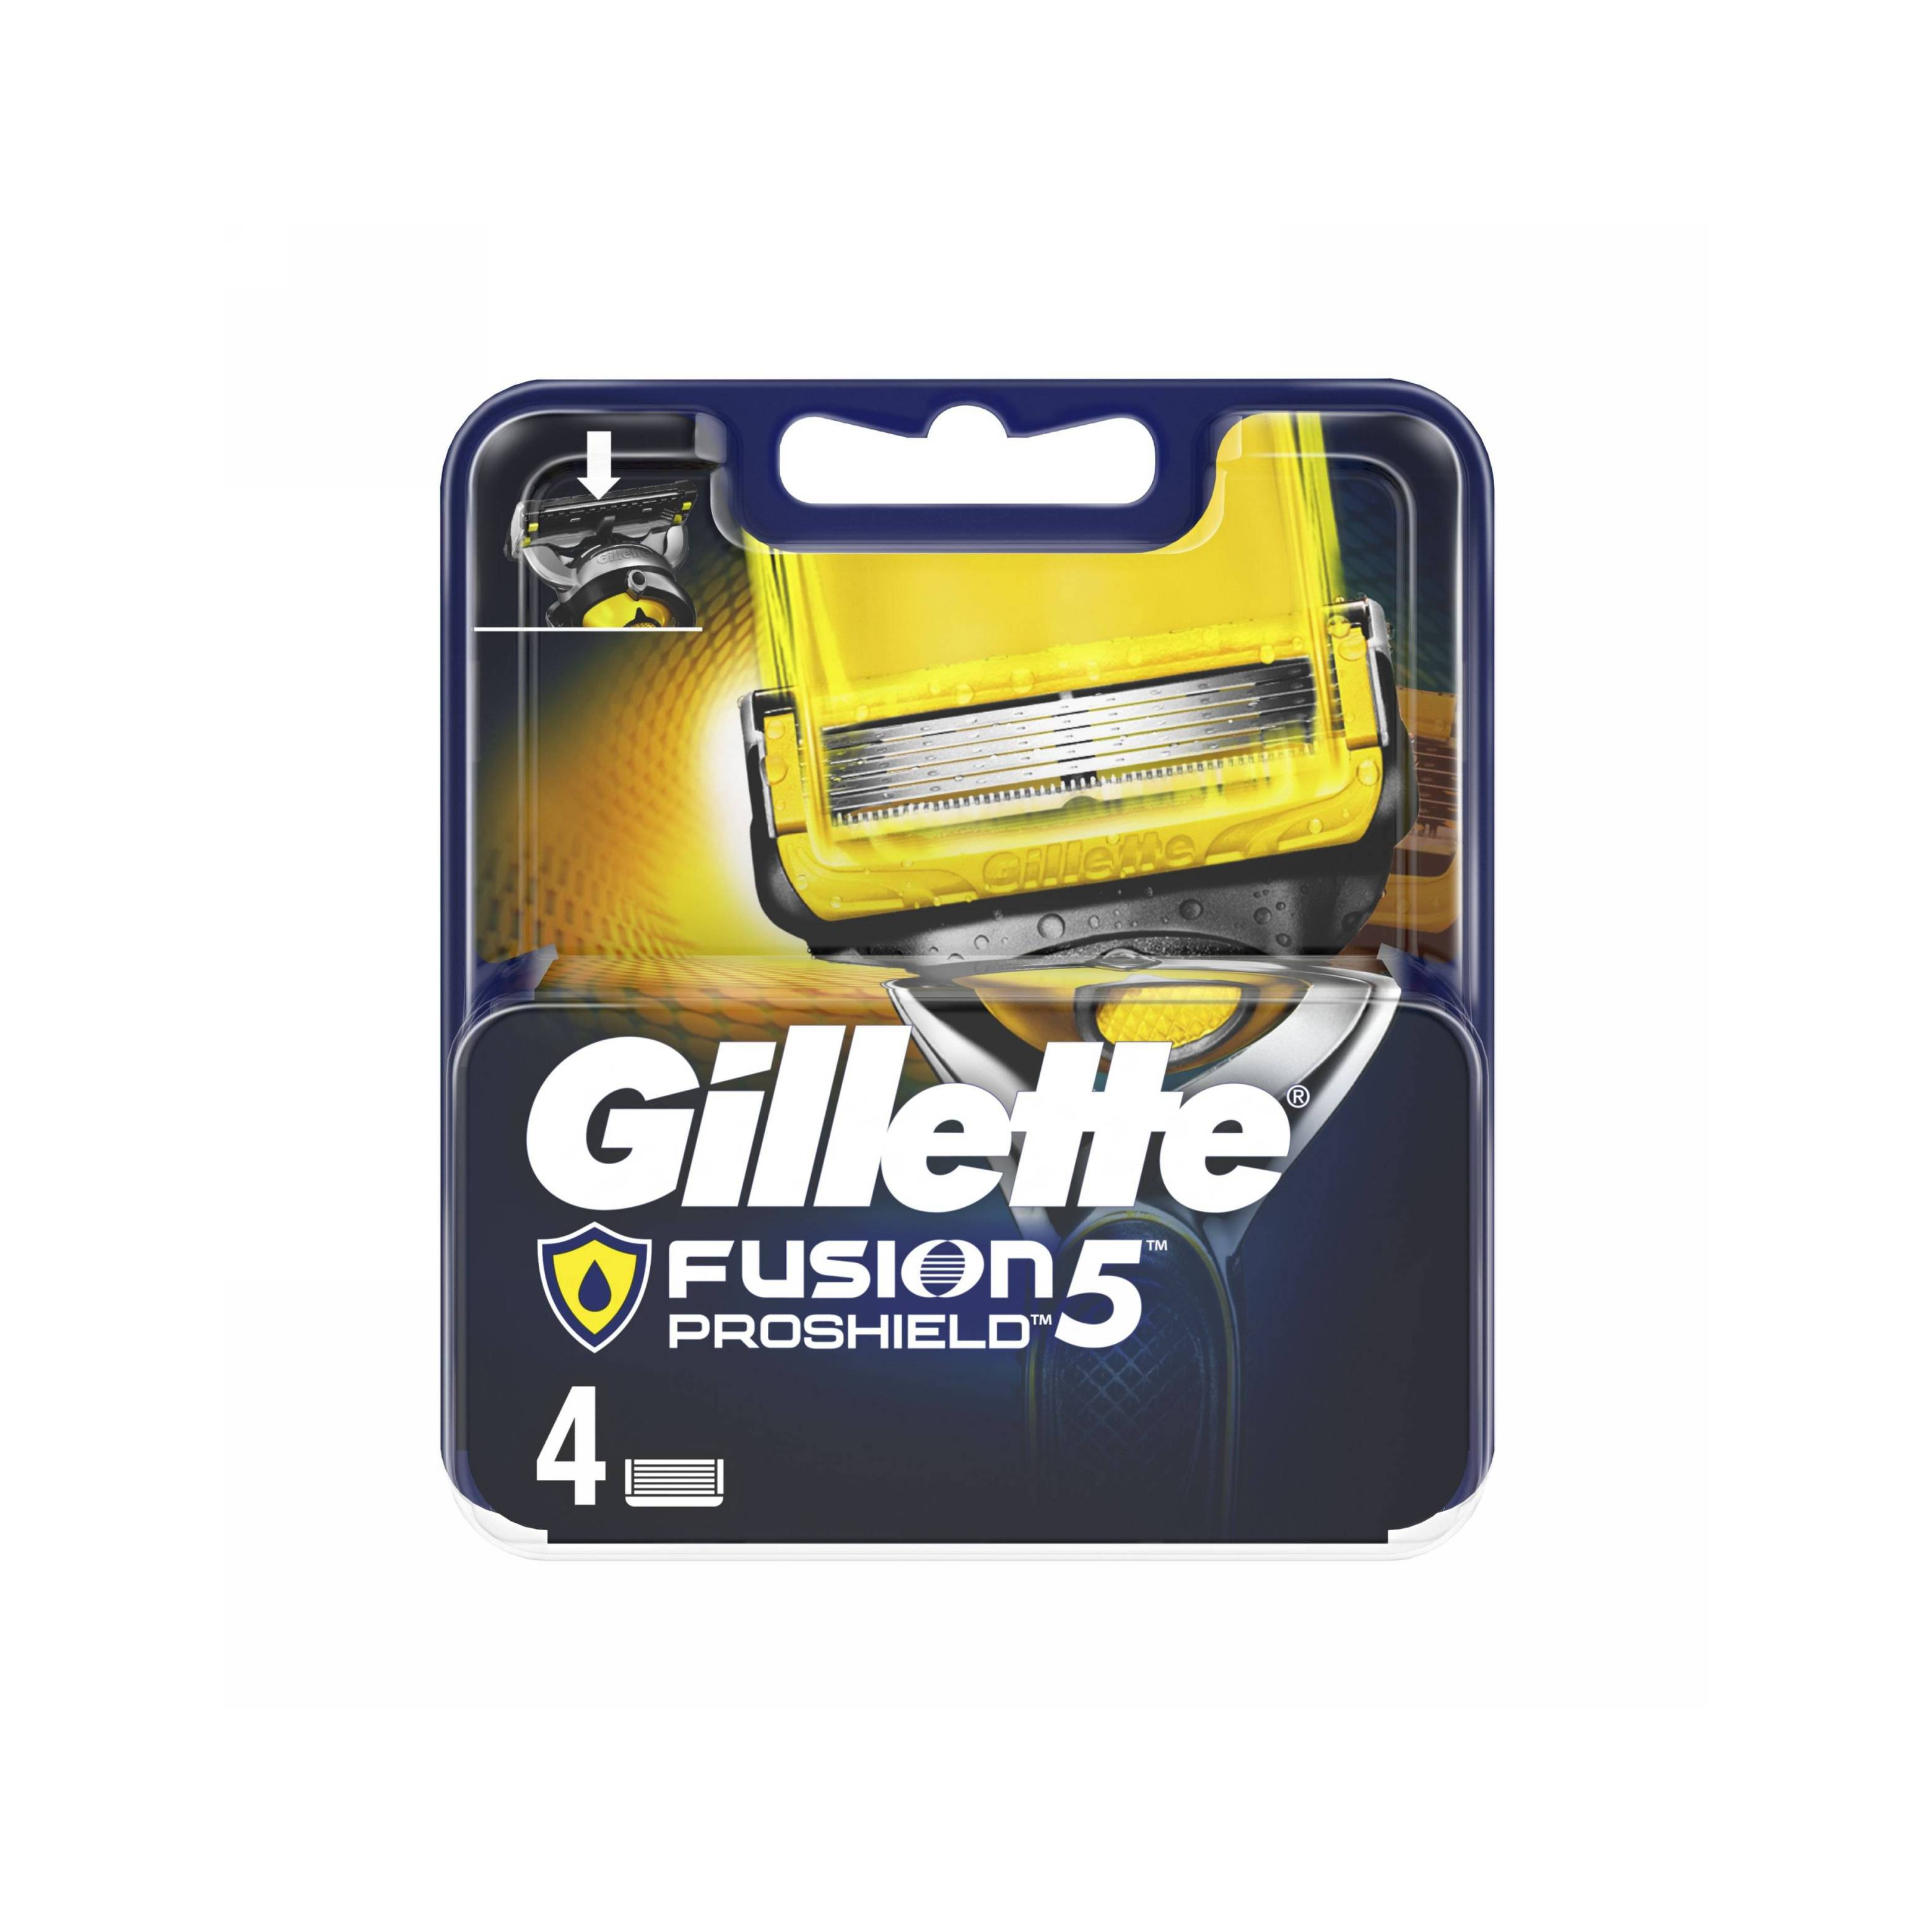 Gillette Fusion 5 ProShield náhradní hlavice 4 ks